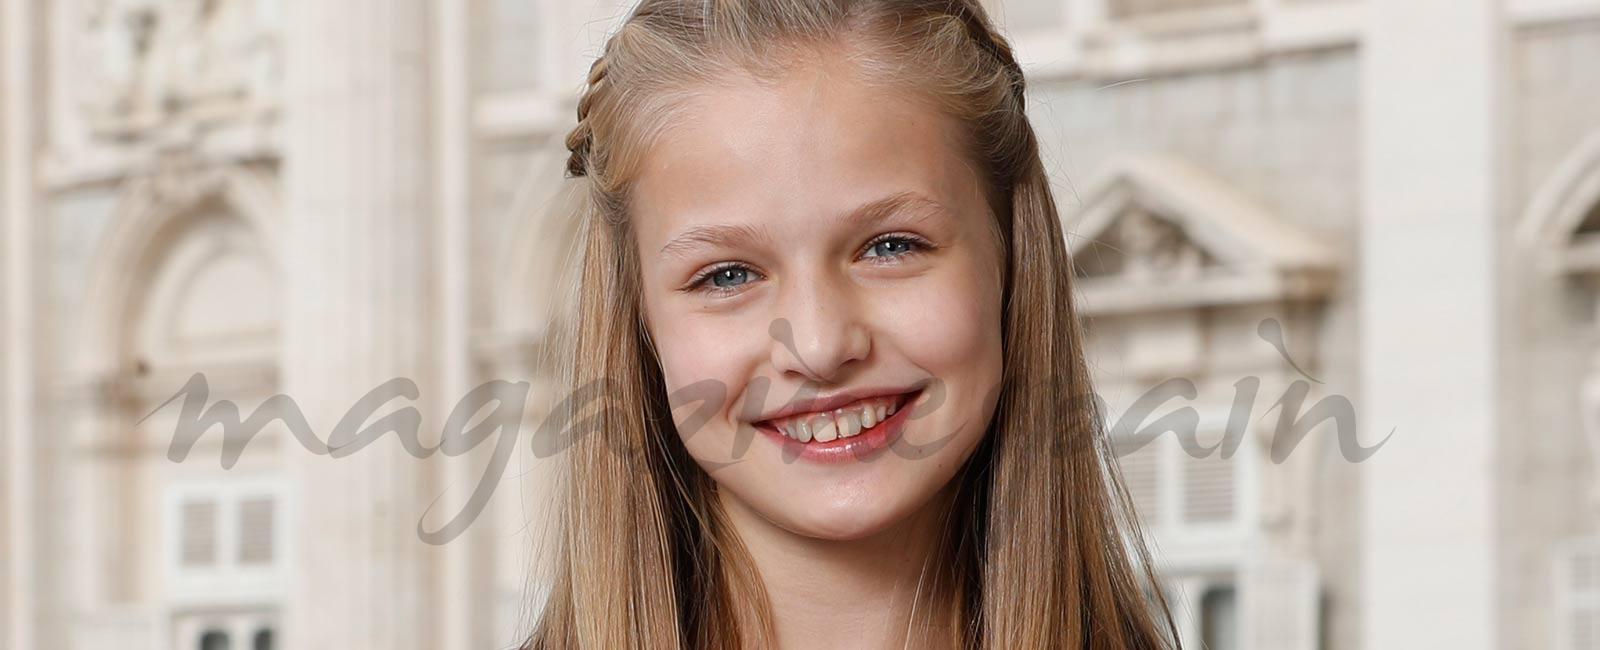 La princesa Leonor, retrato oficial en su 12 cumpleaños